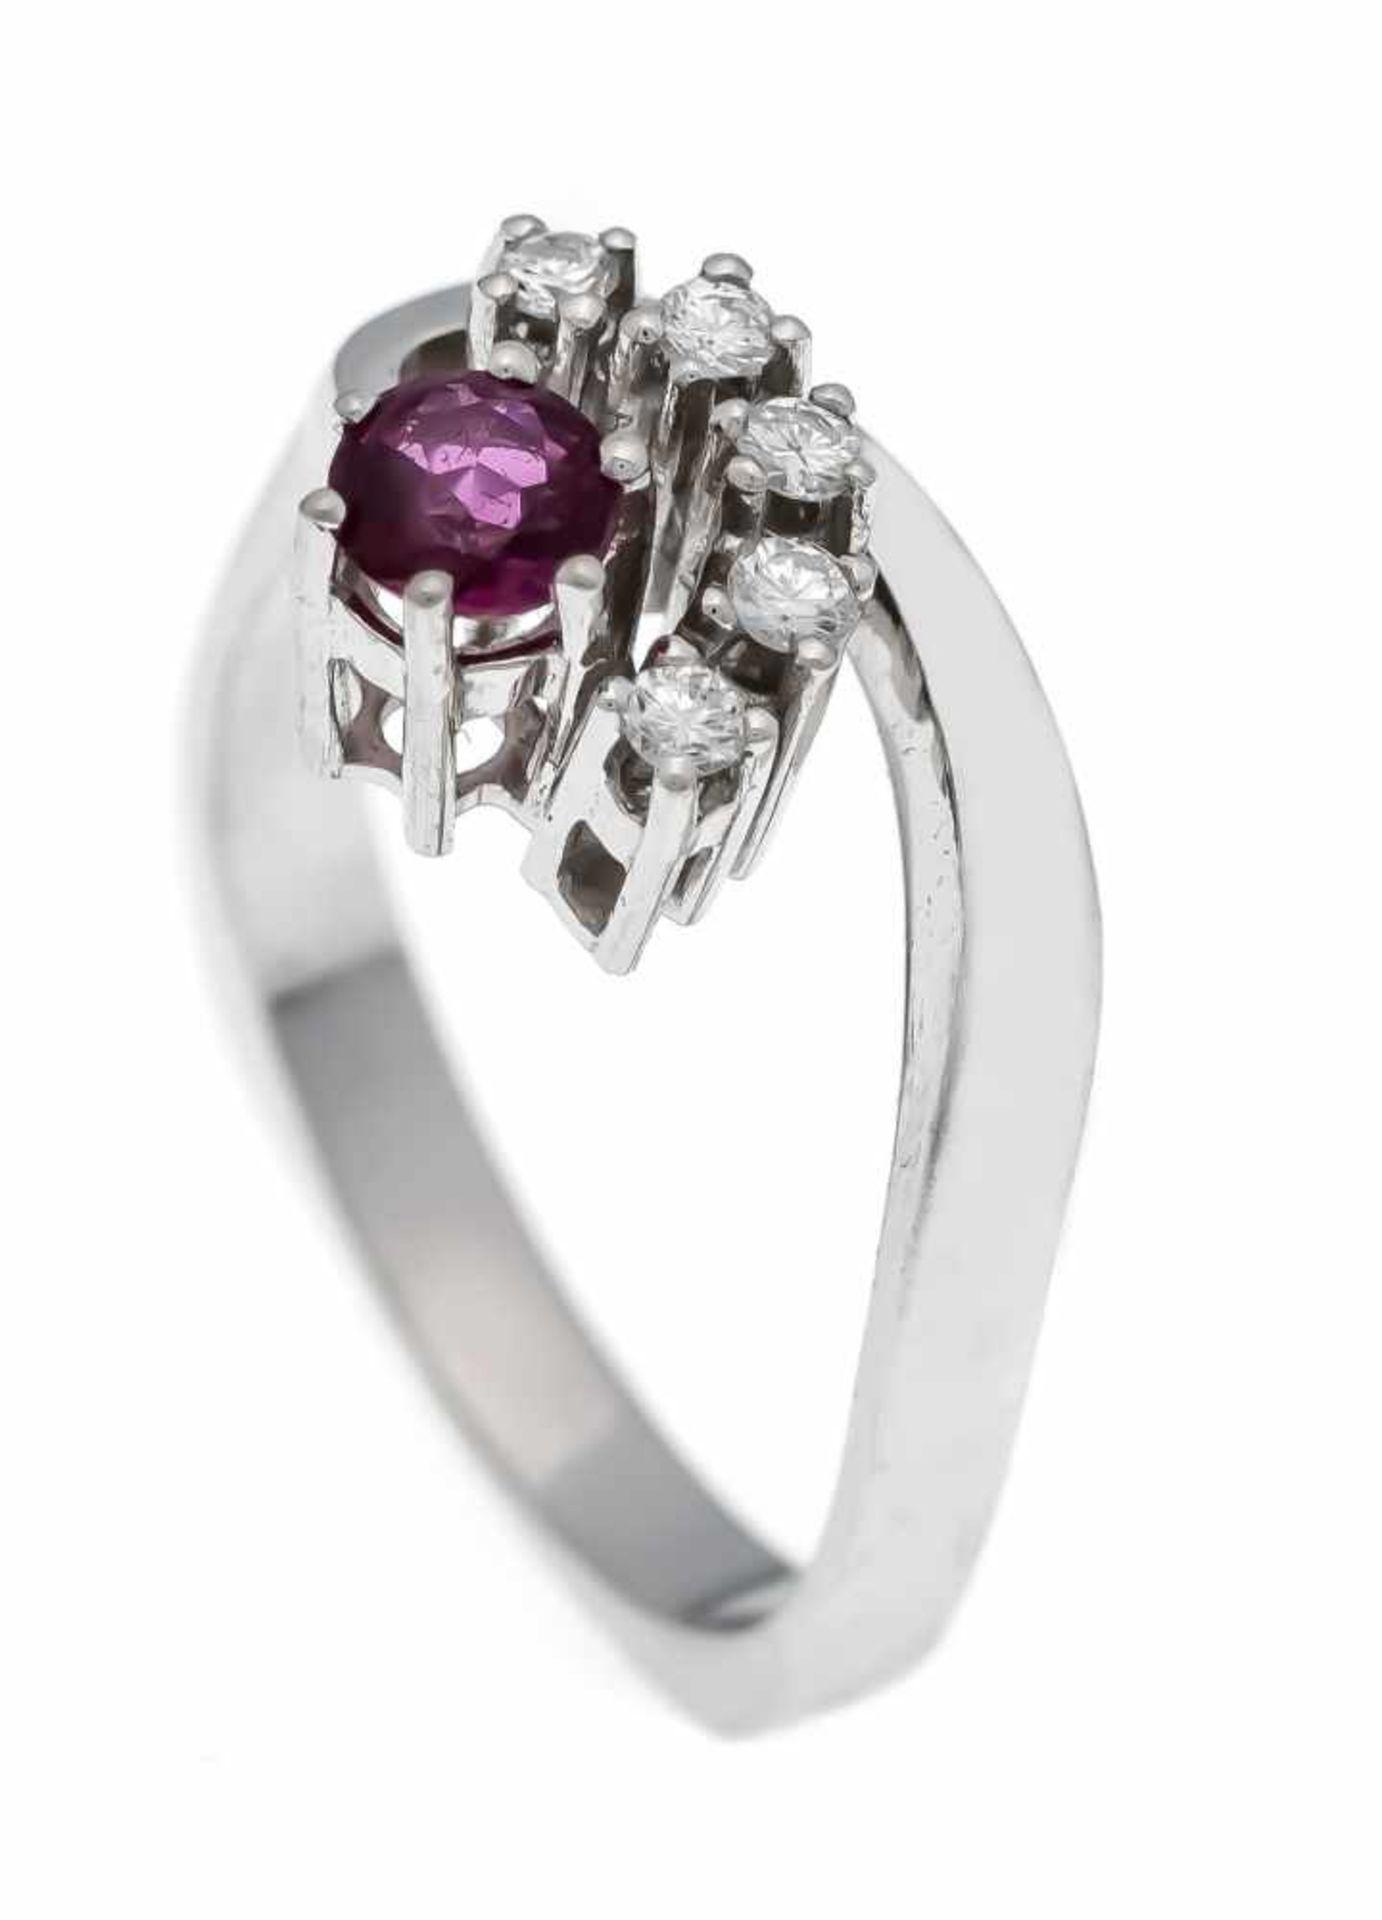 Rubin-Brillant-Ring WG 585/000 mit einem rund fac. Rubin 3 mm und 5 Brillanten, zus. 0,20ct W/VS-SI,